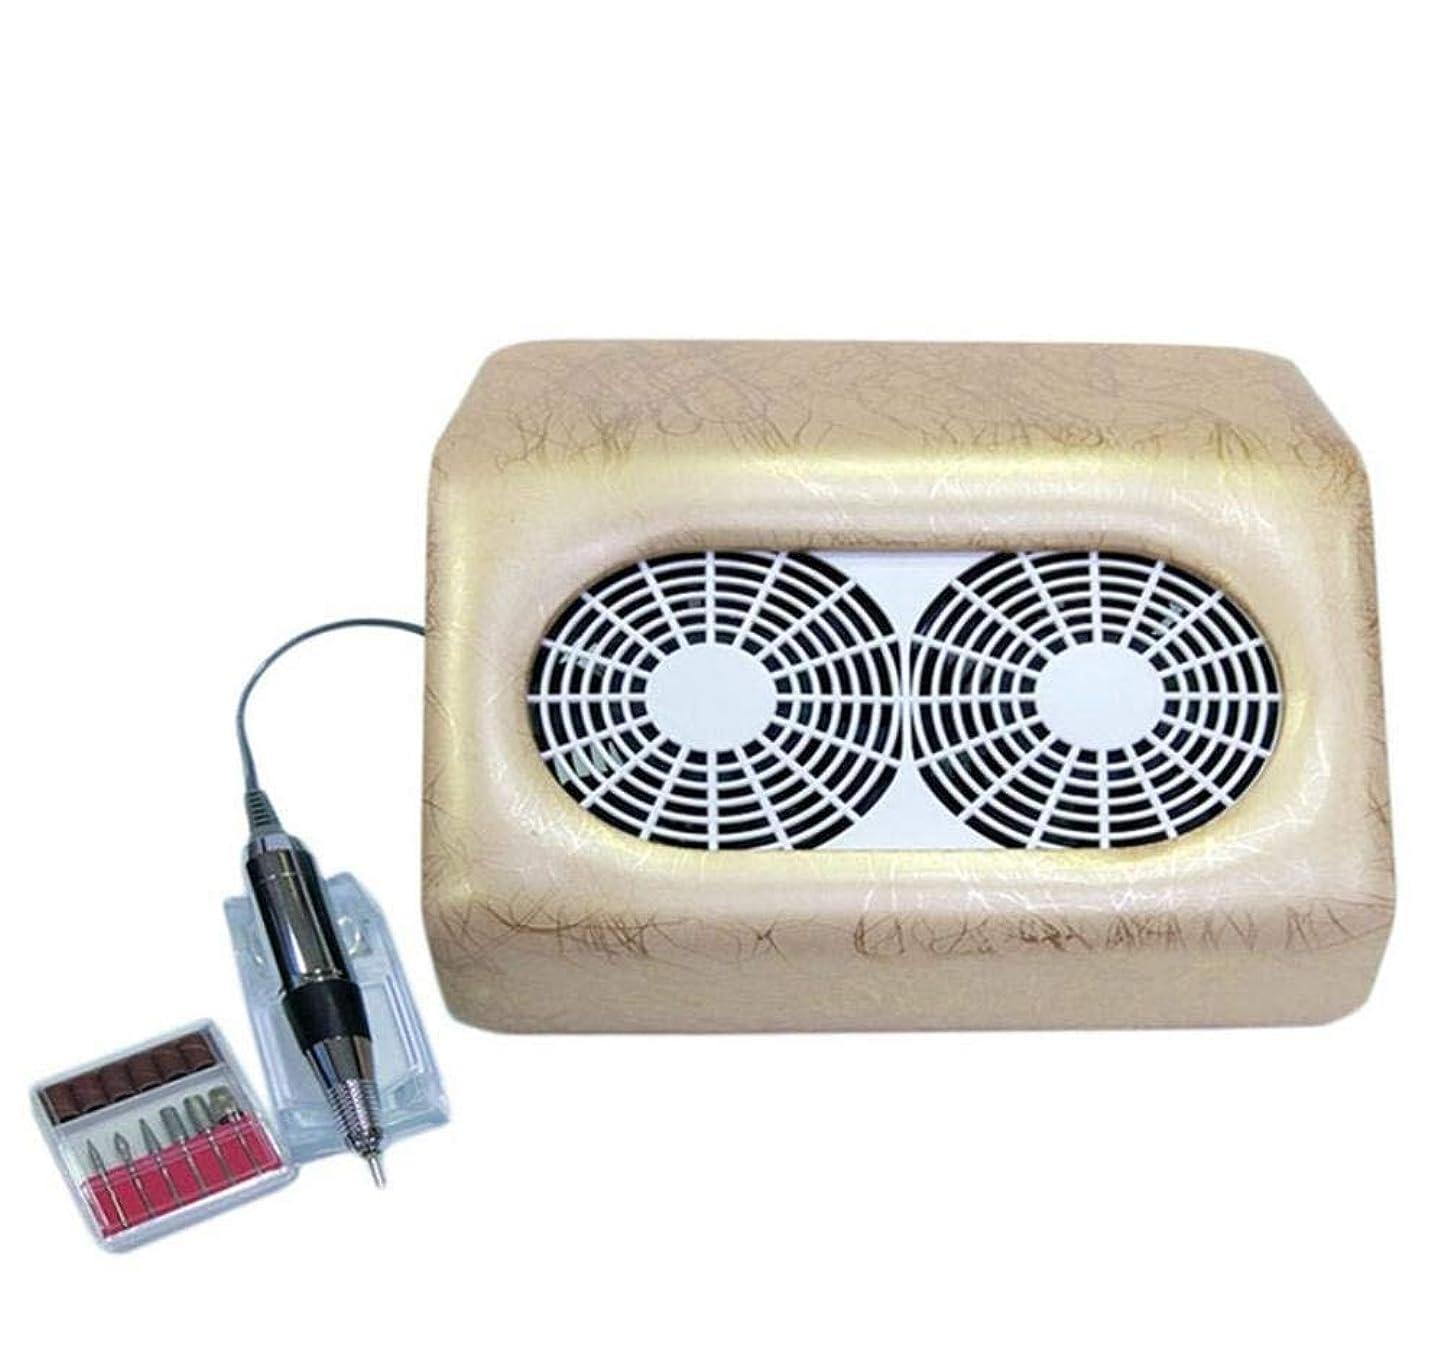 追い払う圧縮する告発電気ネイルドリルネイル掃除機ネイルドライヤー付き2ファンサロンアートマニキュアツールツール機器具キット